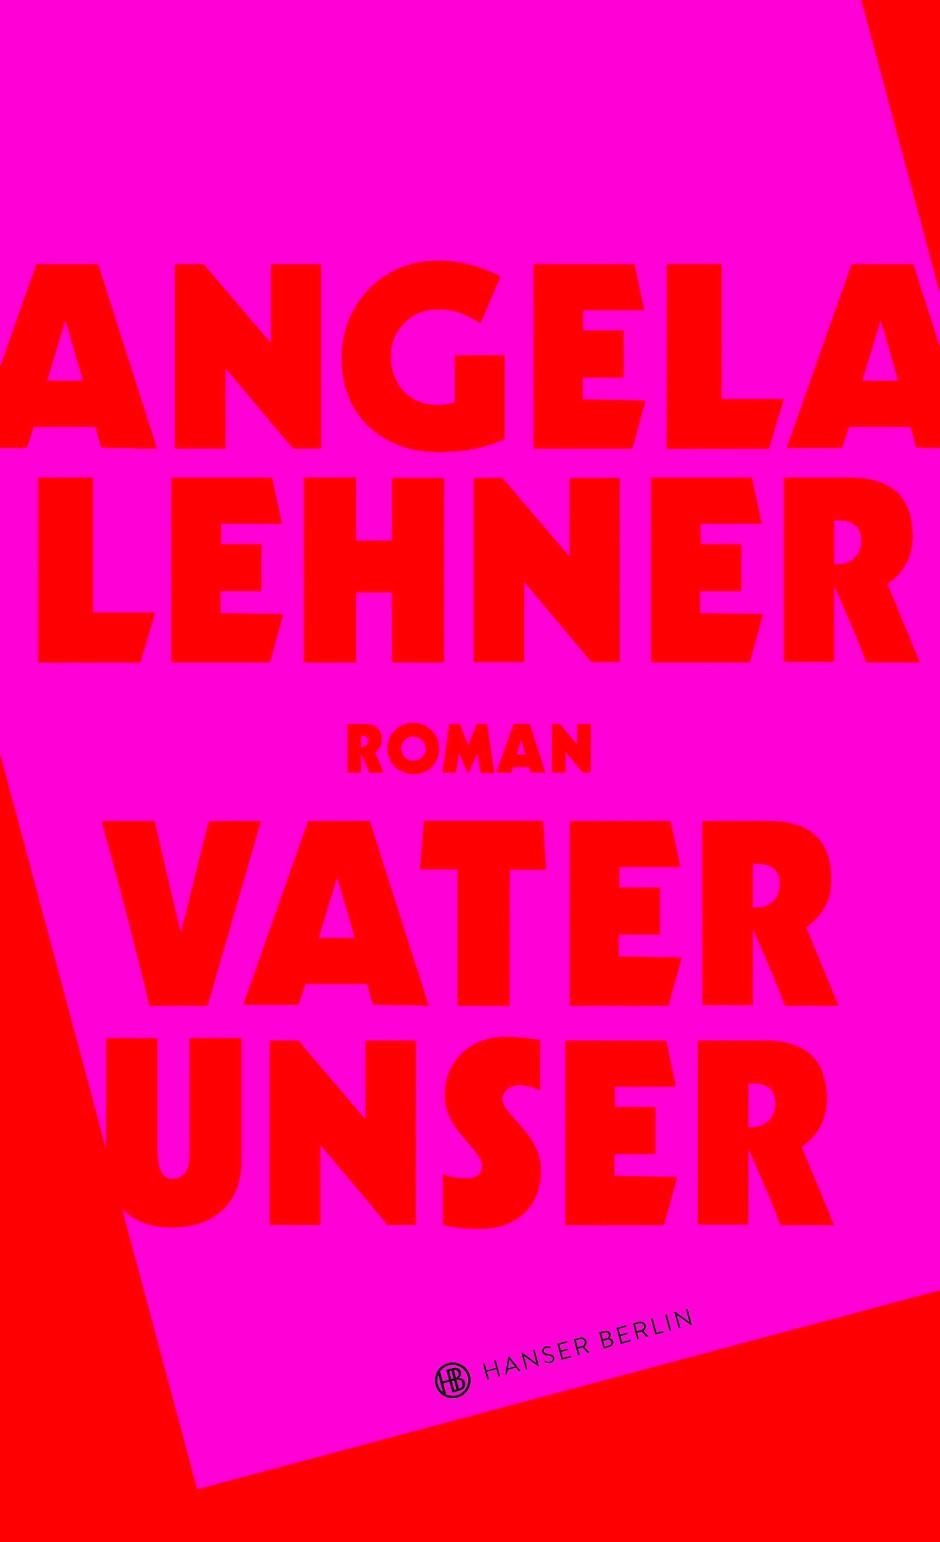 """Angela Lehner: """"Vater Unser"""""""